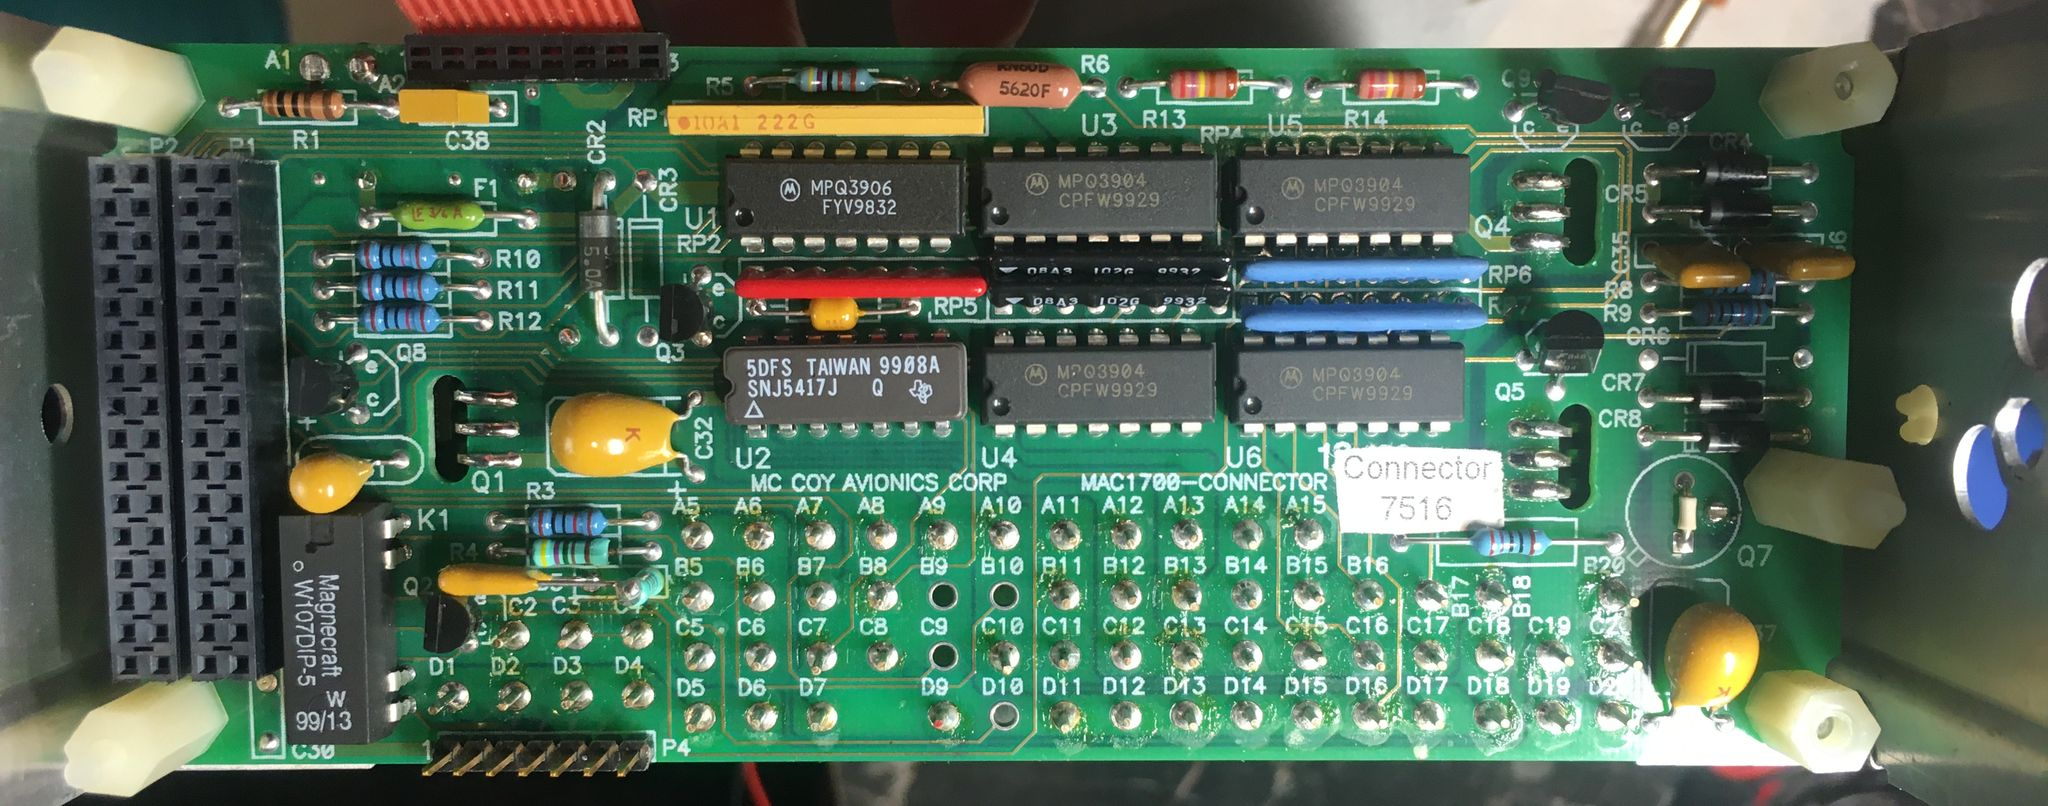 MAC1700 задняя плата с проходными конденсаторами